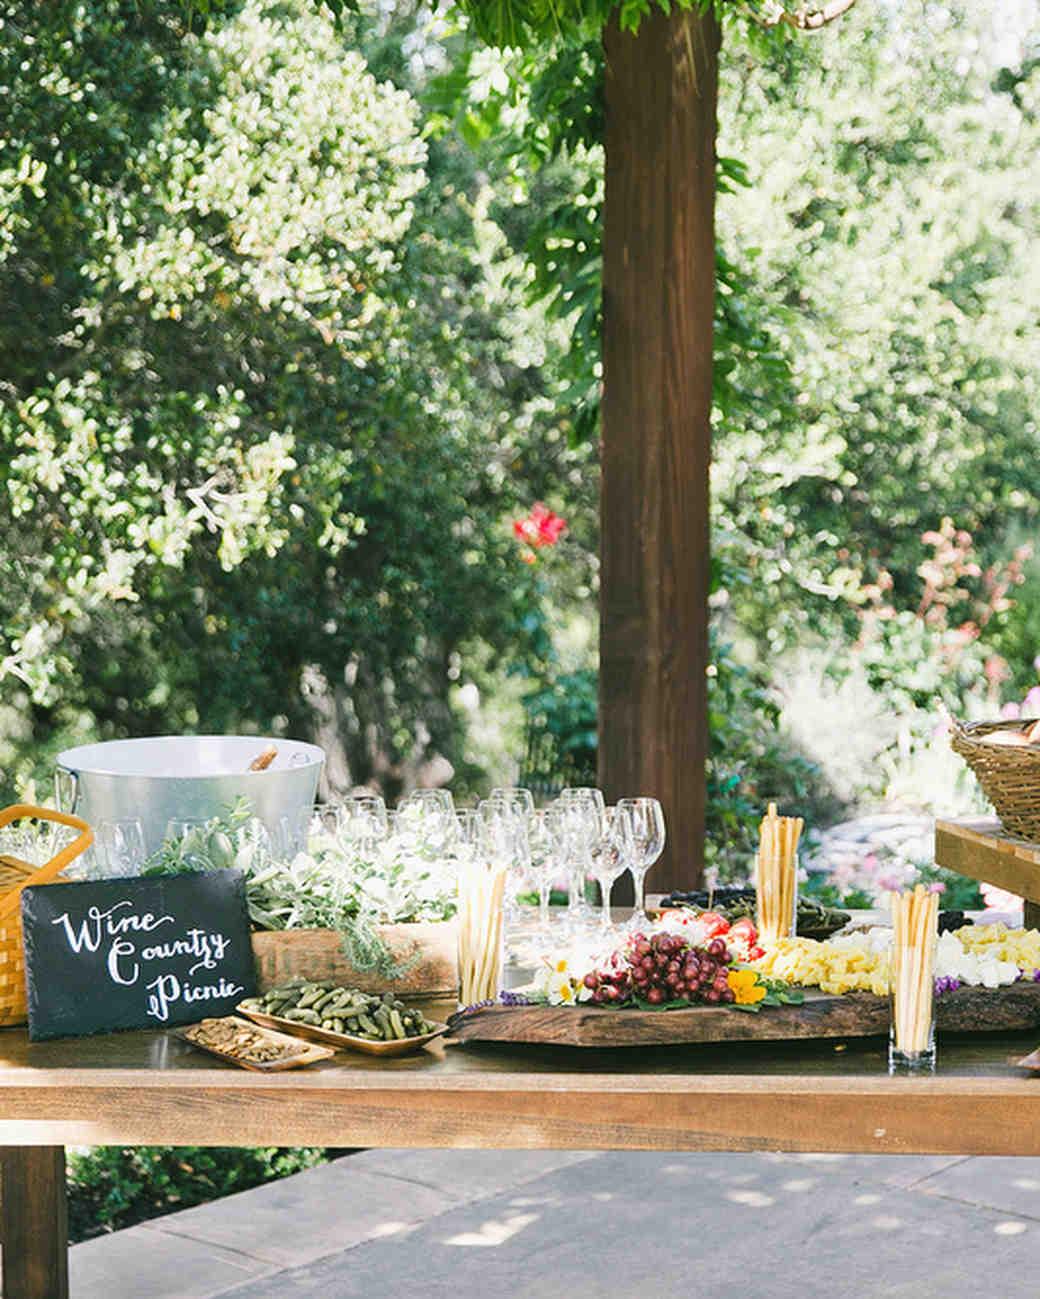 14 Trendy And Fun Wedding Brunch Ideas Martha Stewart Weddings